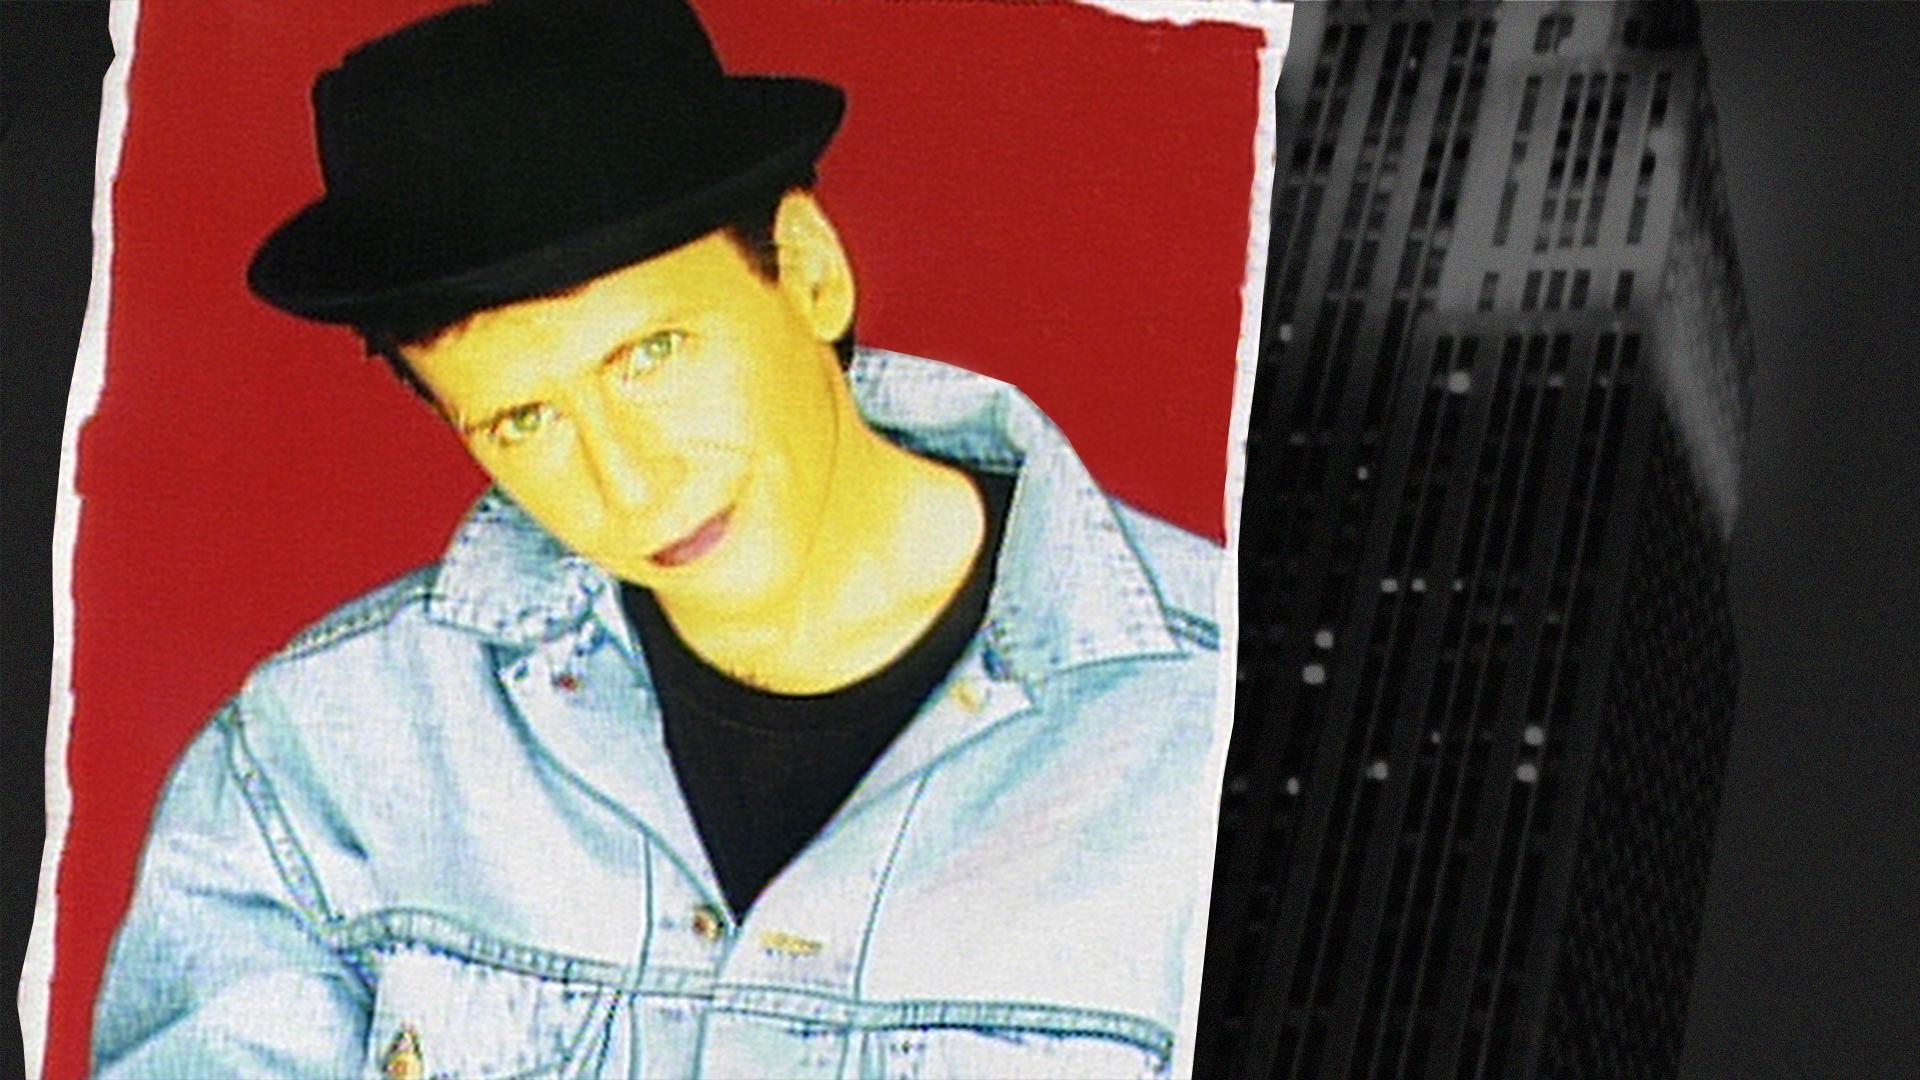 Paul Reiser: March 18, 1995